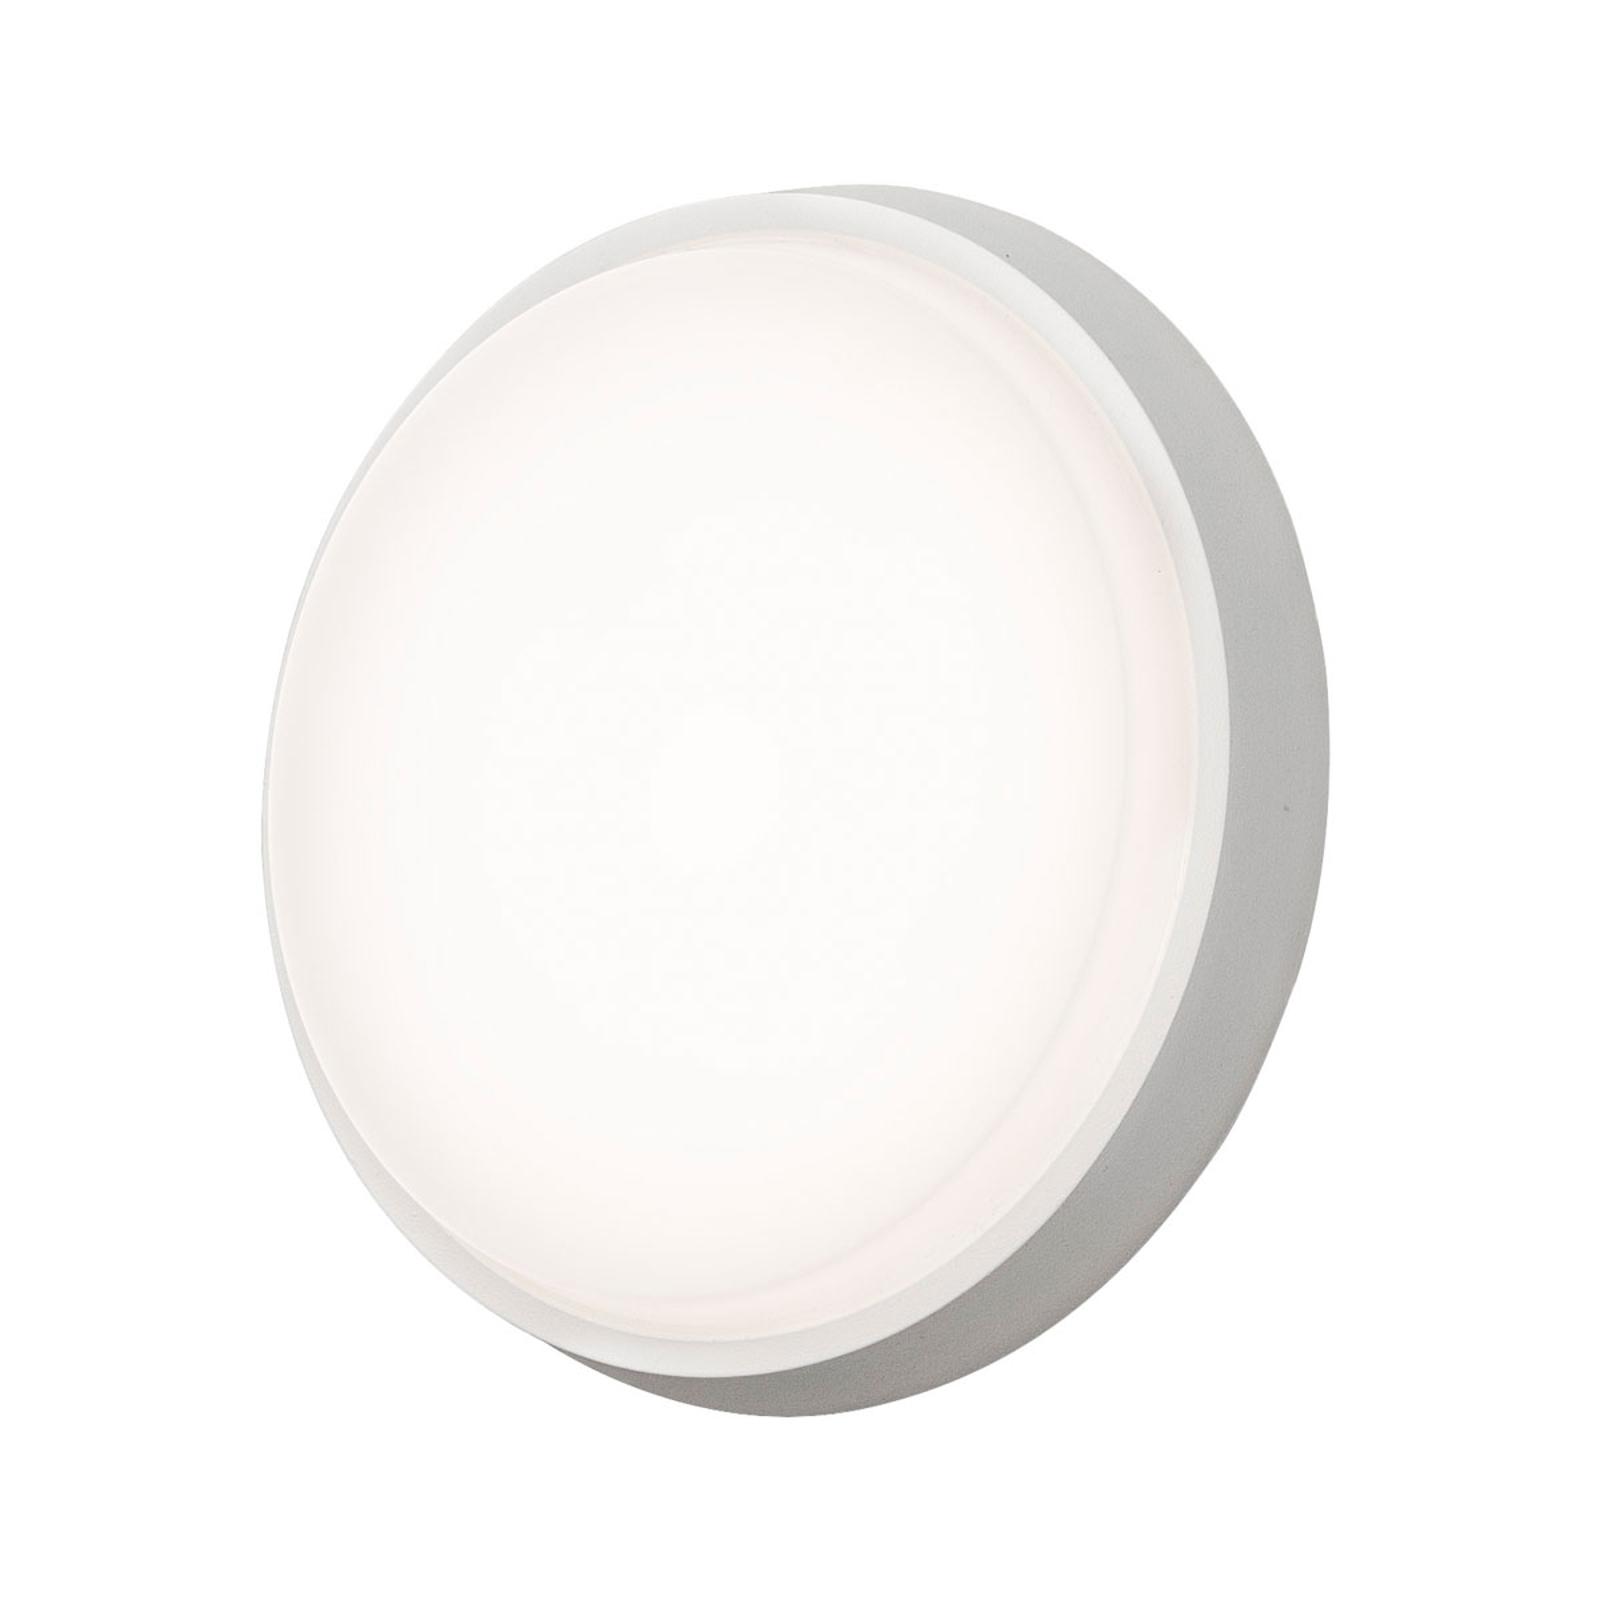 Applique d'extérieur LED Cesena, ronde